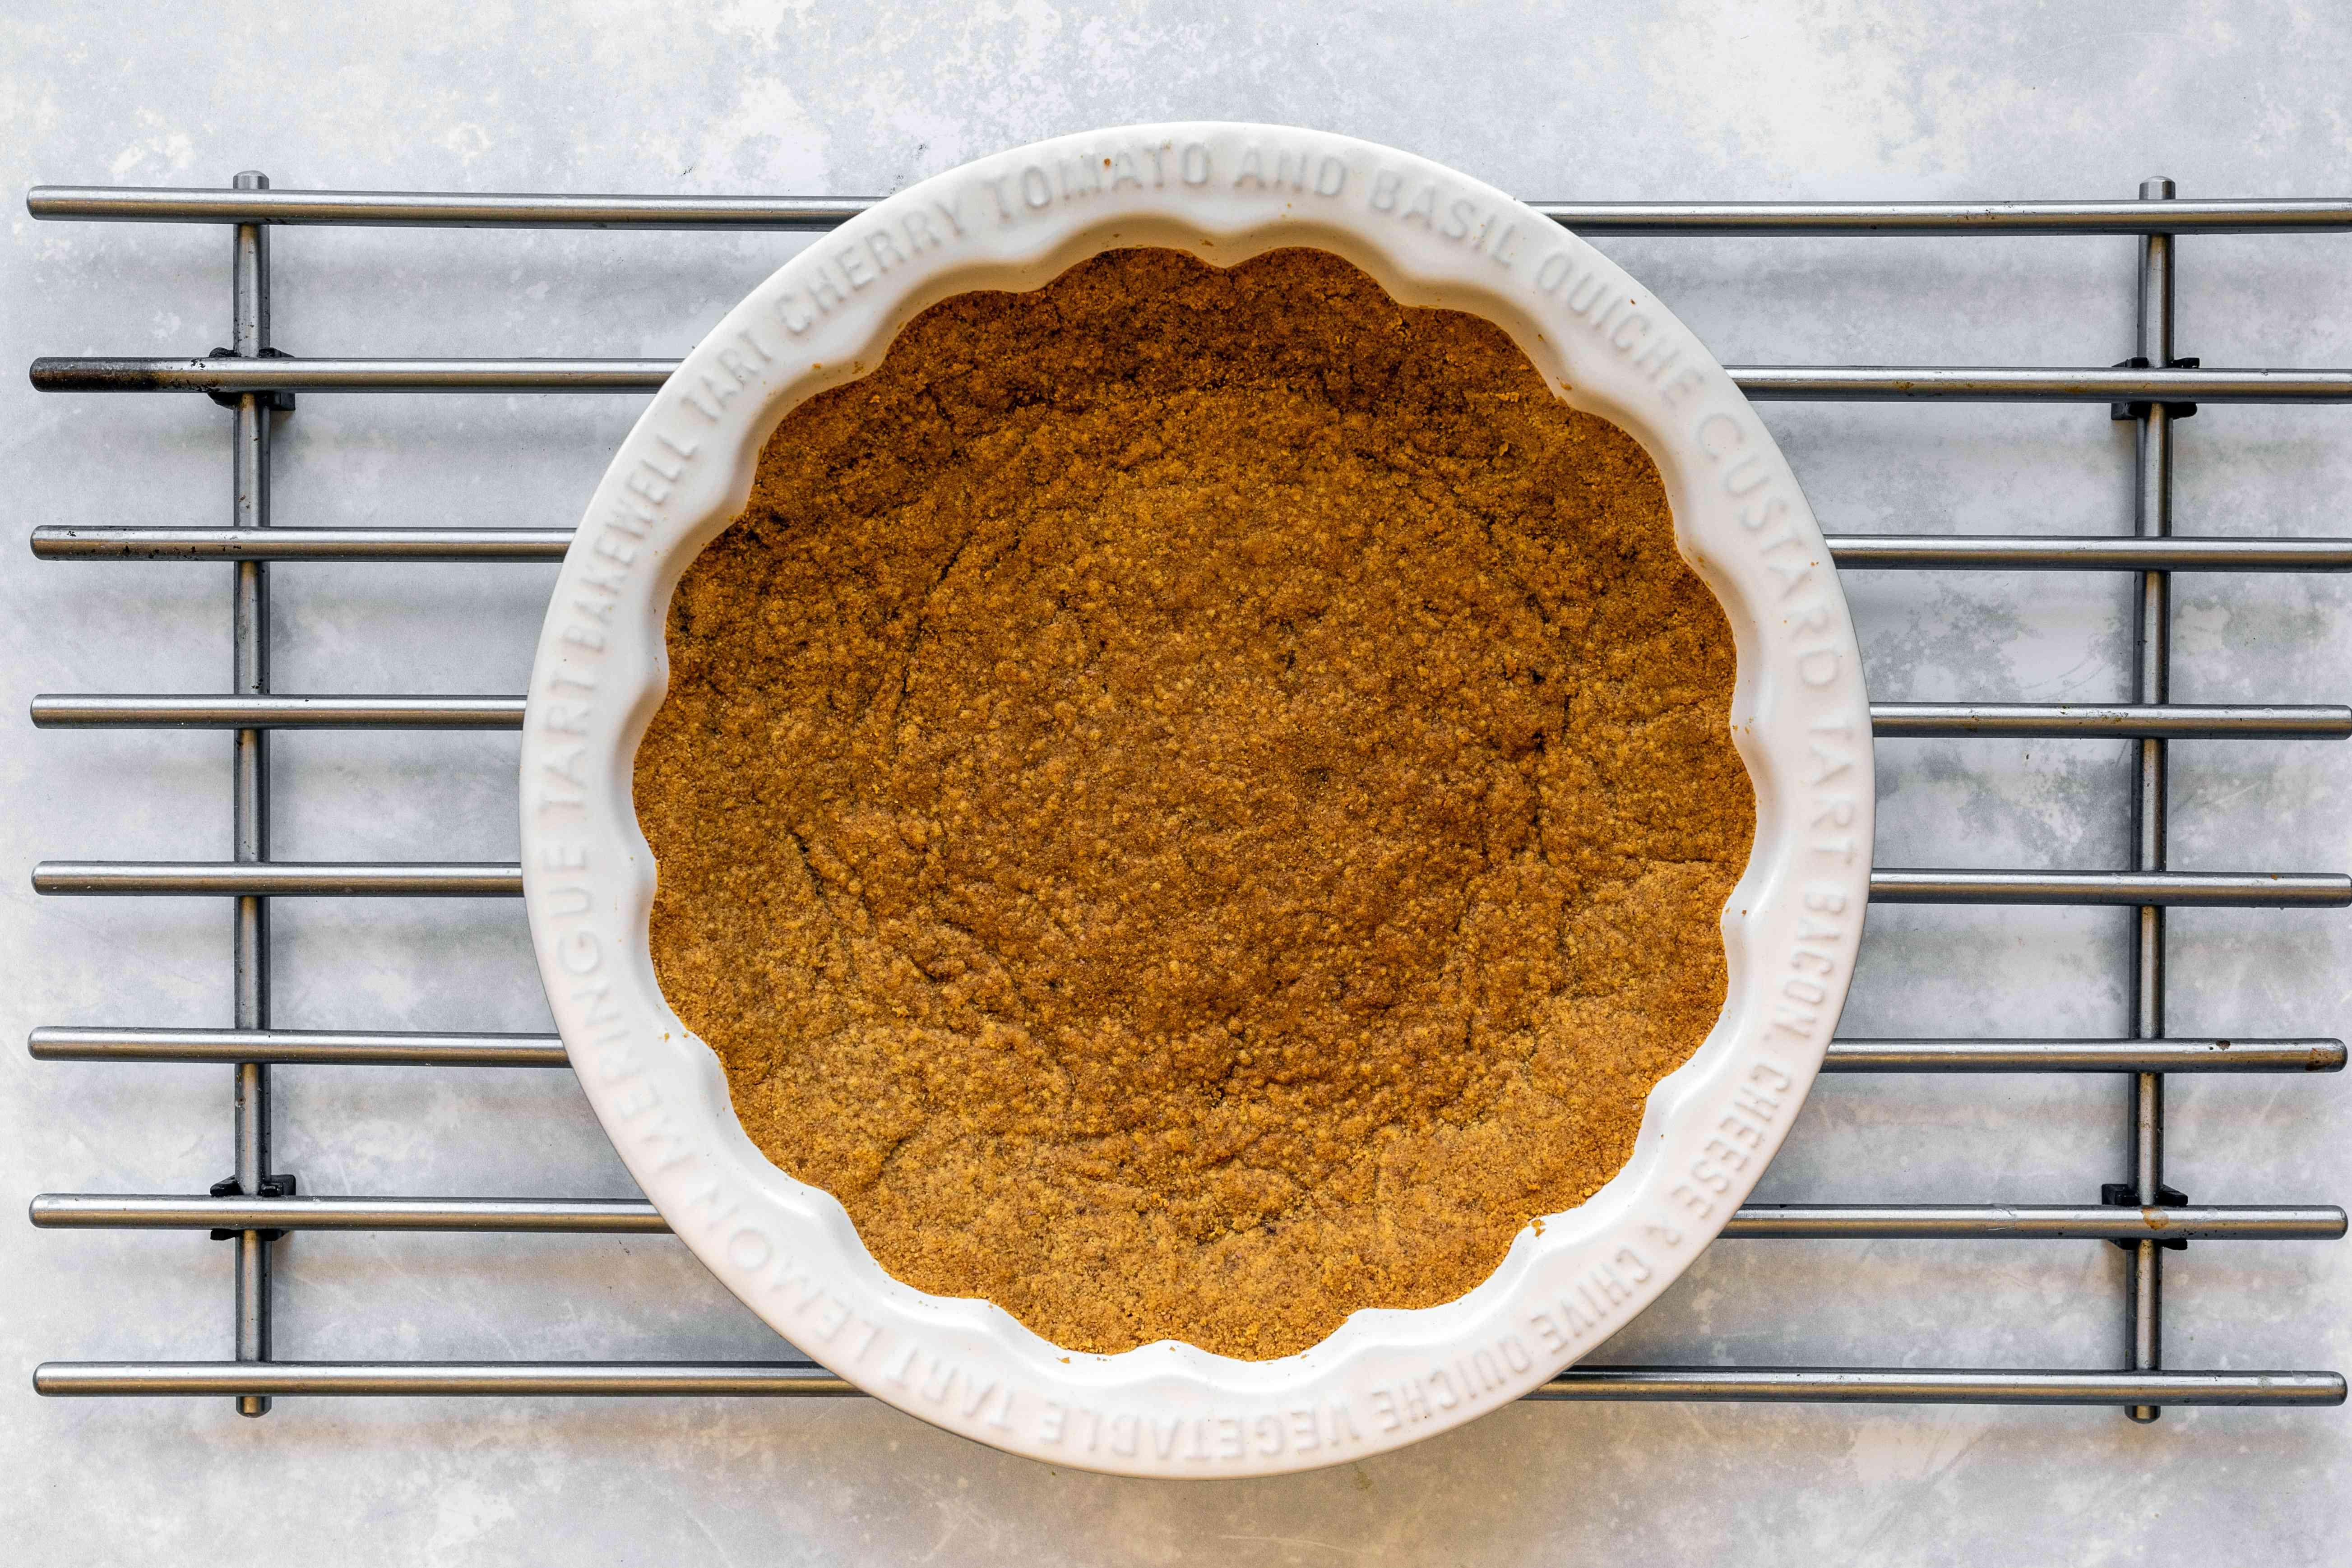 Bake crust